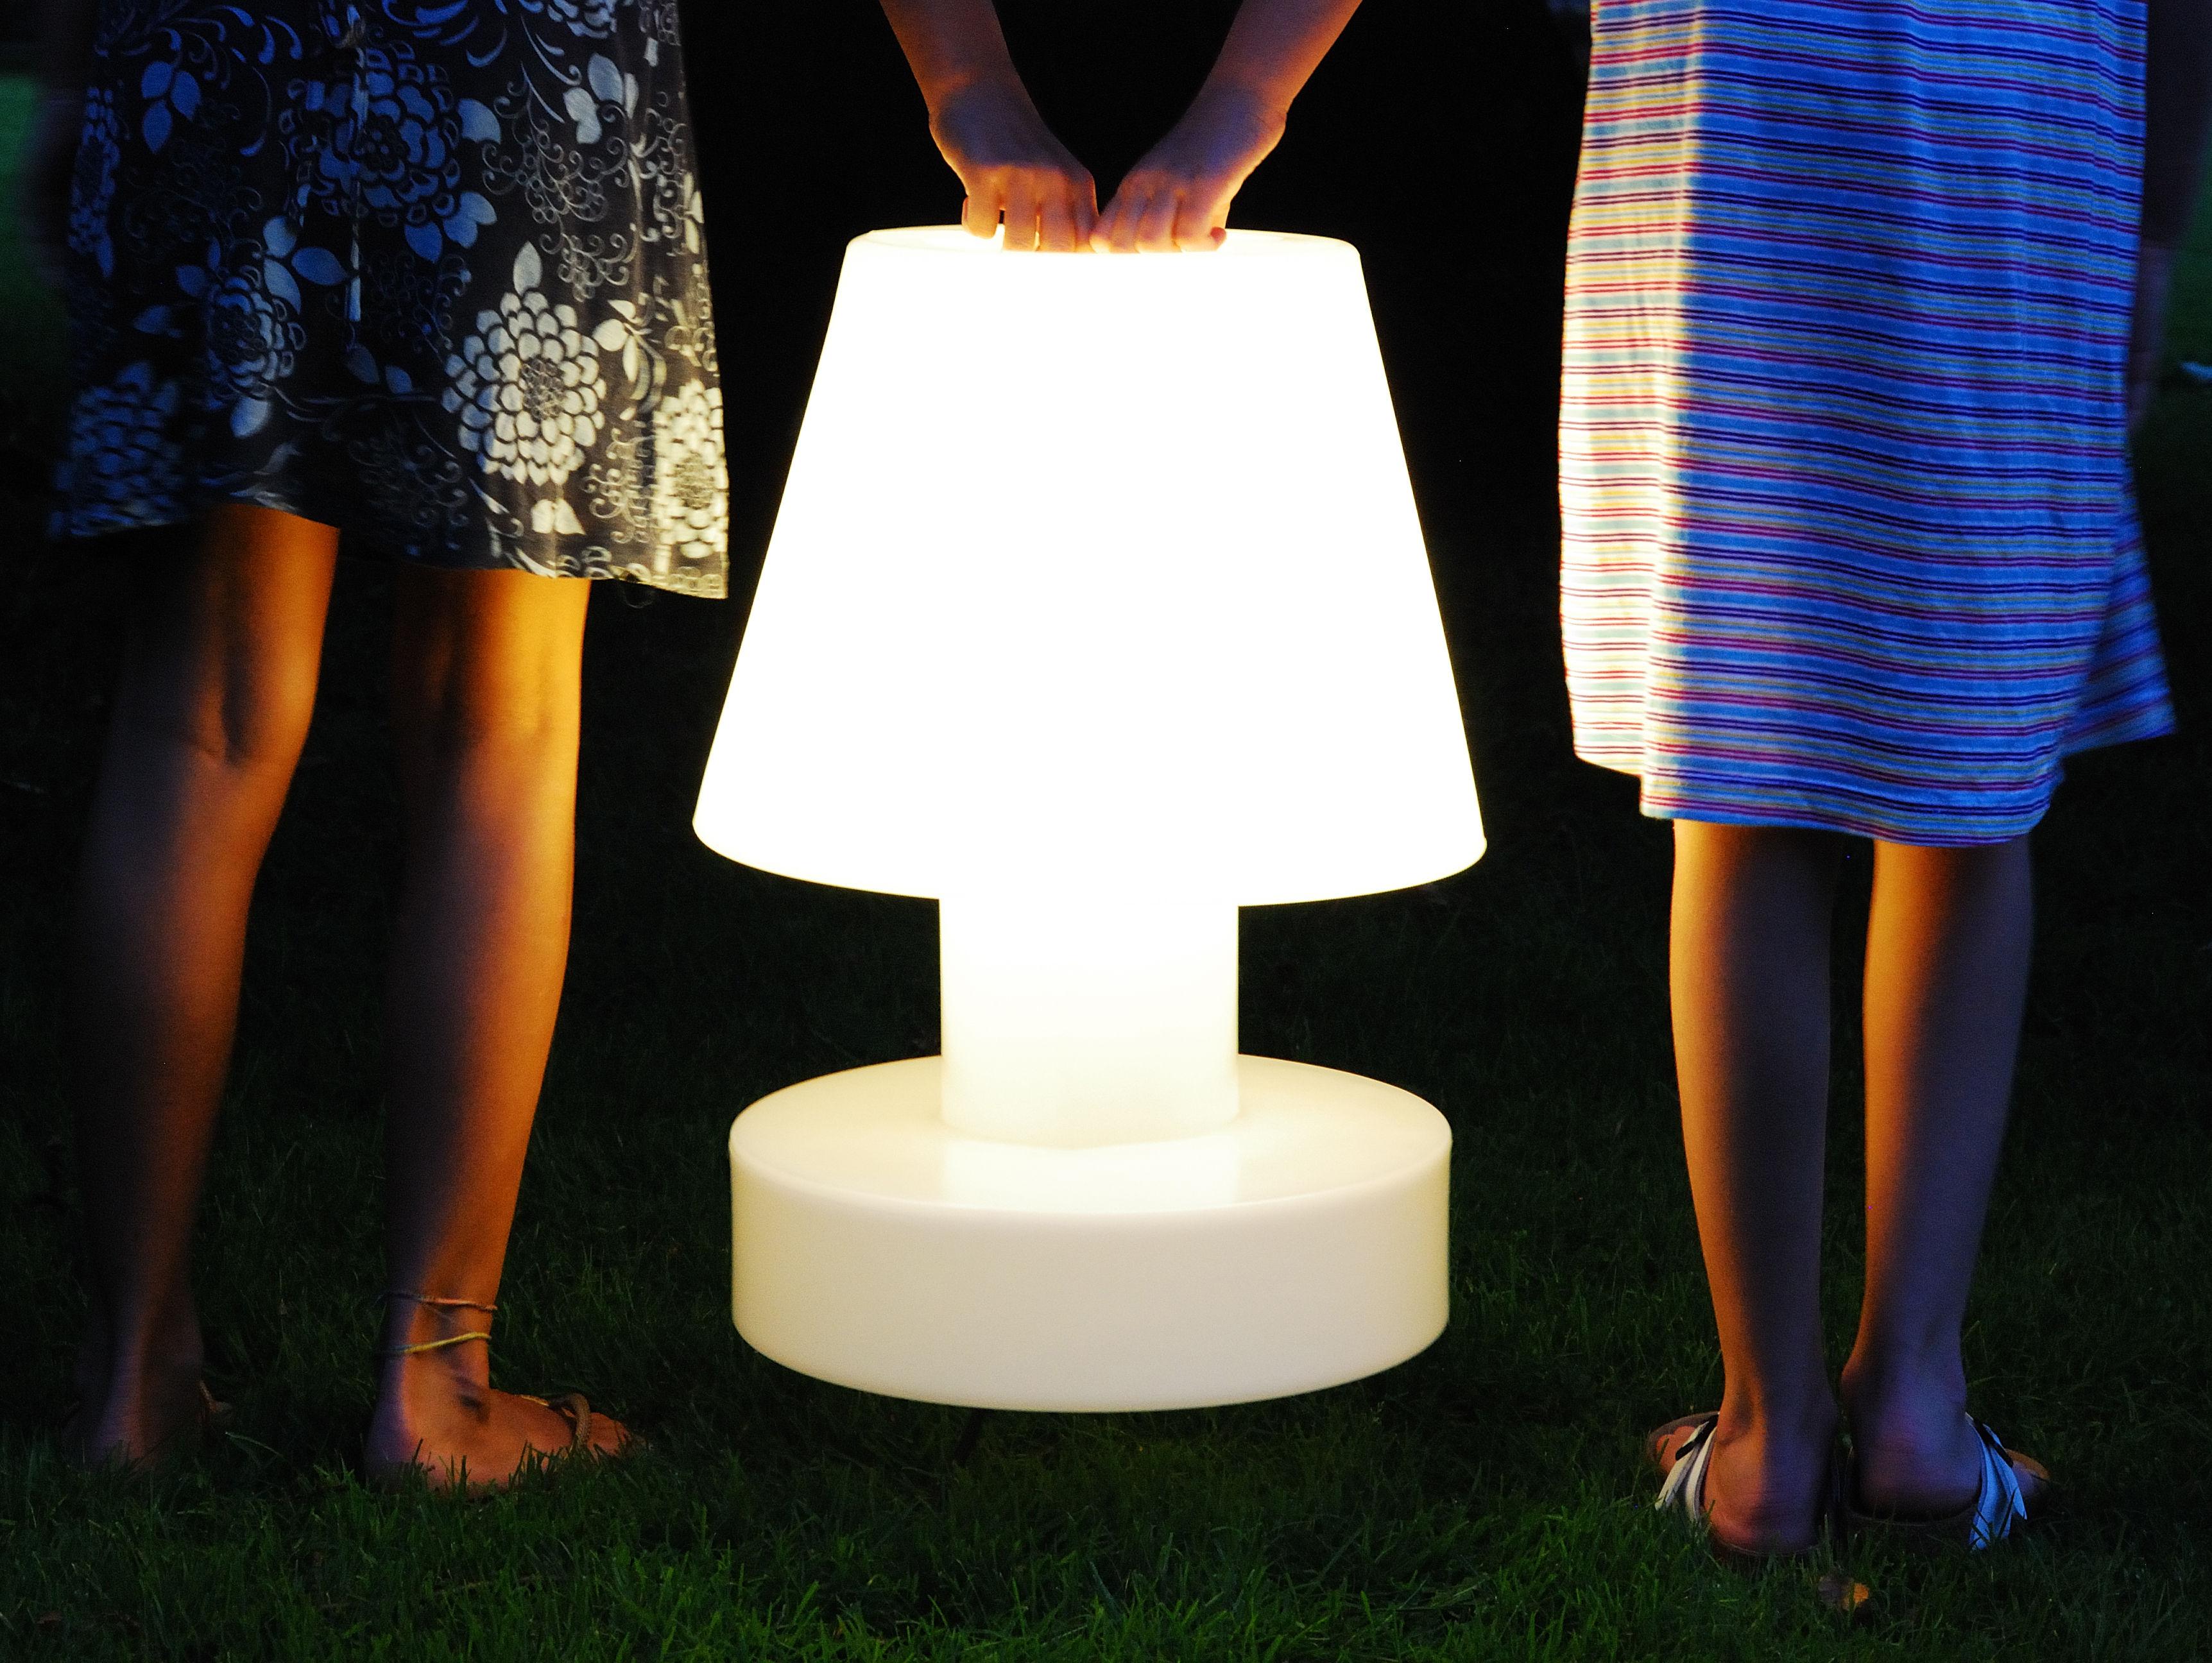 Lampe sans fil rechargeable h 56 cm violet h 56 cm for Luminaire exterieur rechargeable